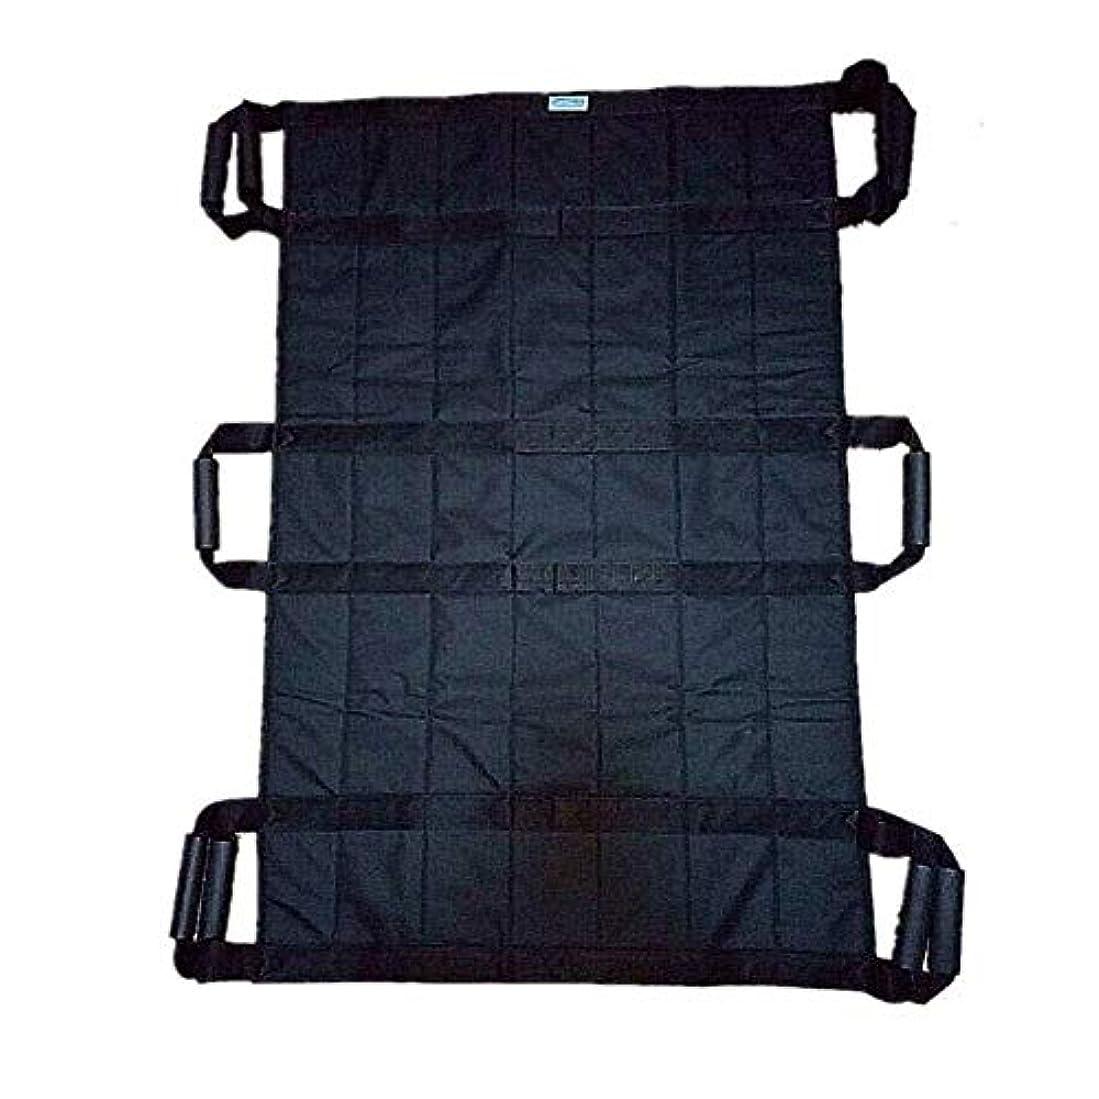 瞳一口義務づけるトランスファーボードスライドベルト-患者リフトベッド支援デバイス-患者輸送リフトスリング-位置決めベッドパッド